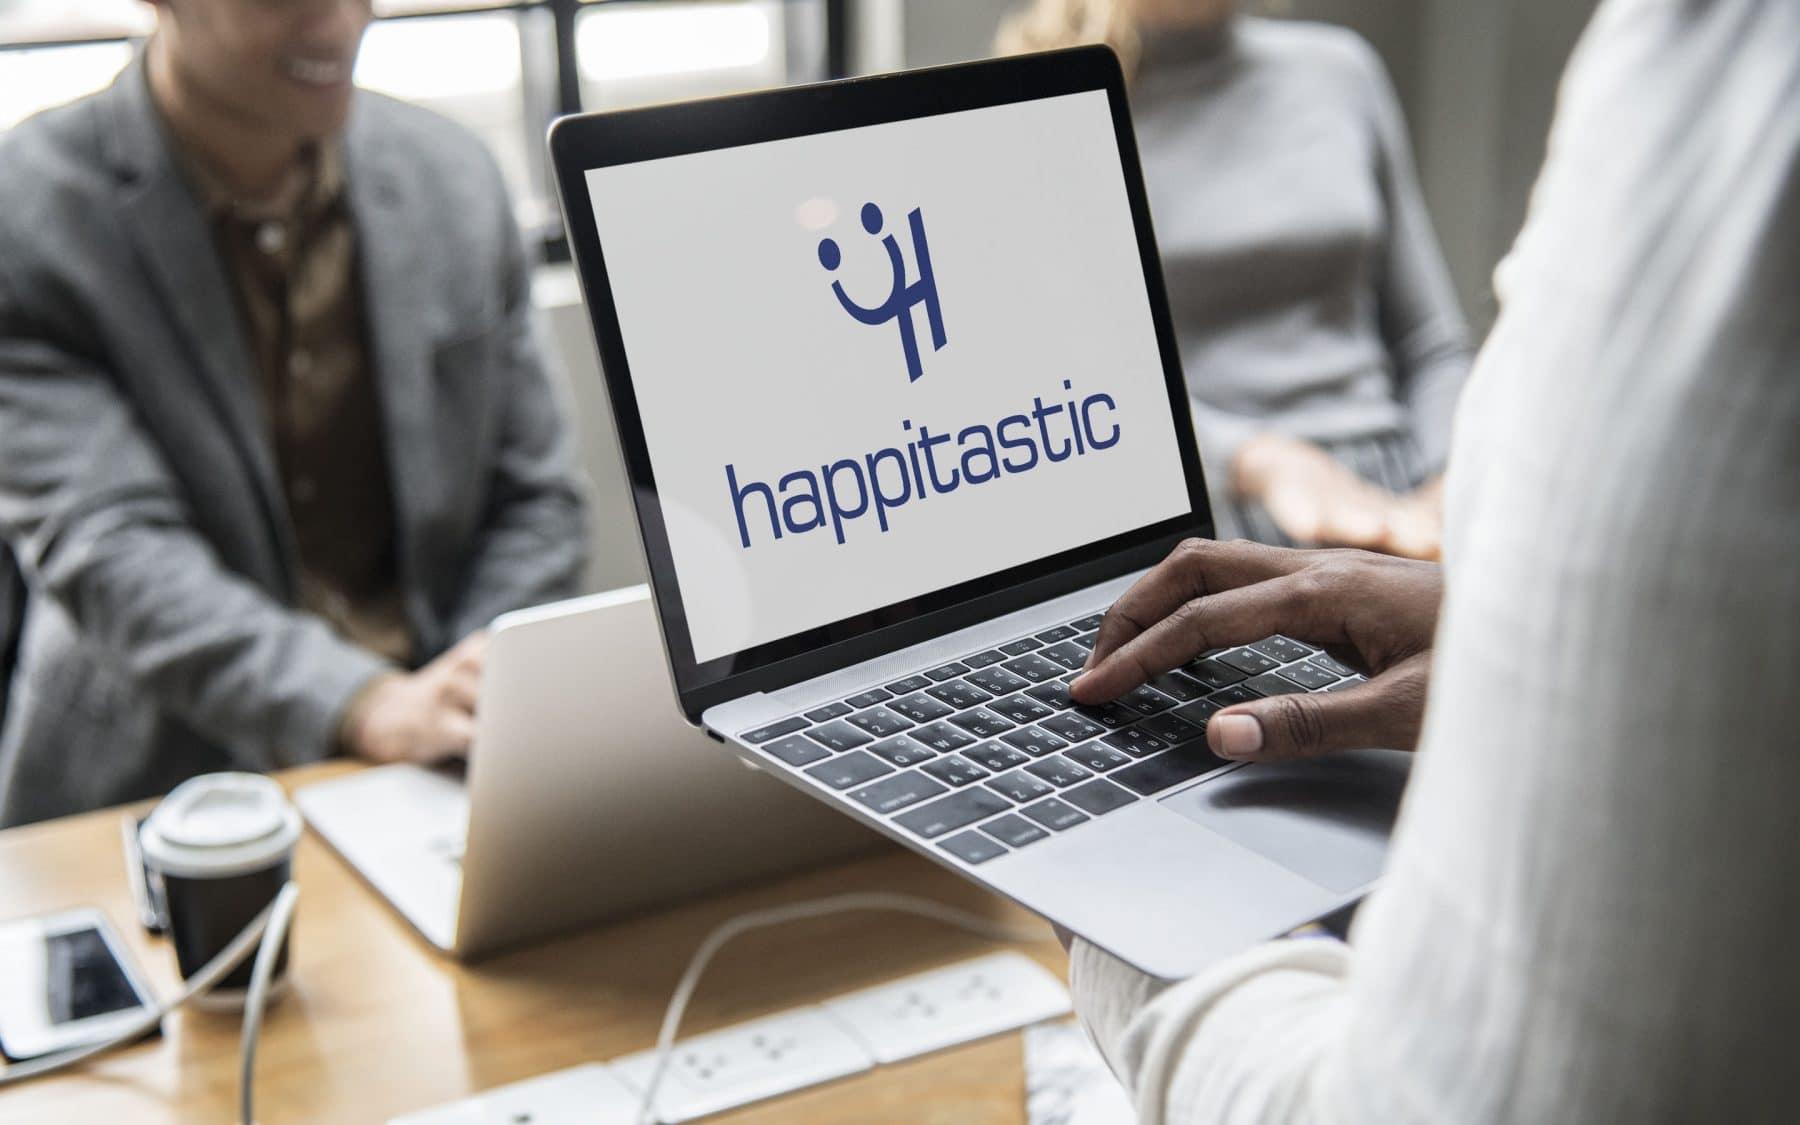 Happitastic 2